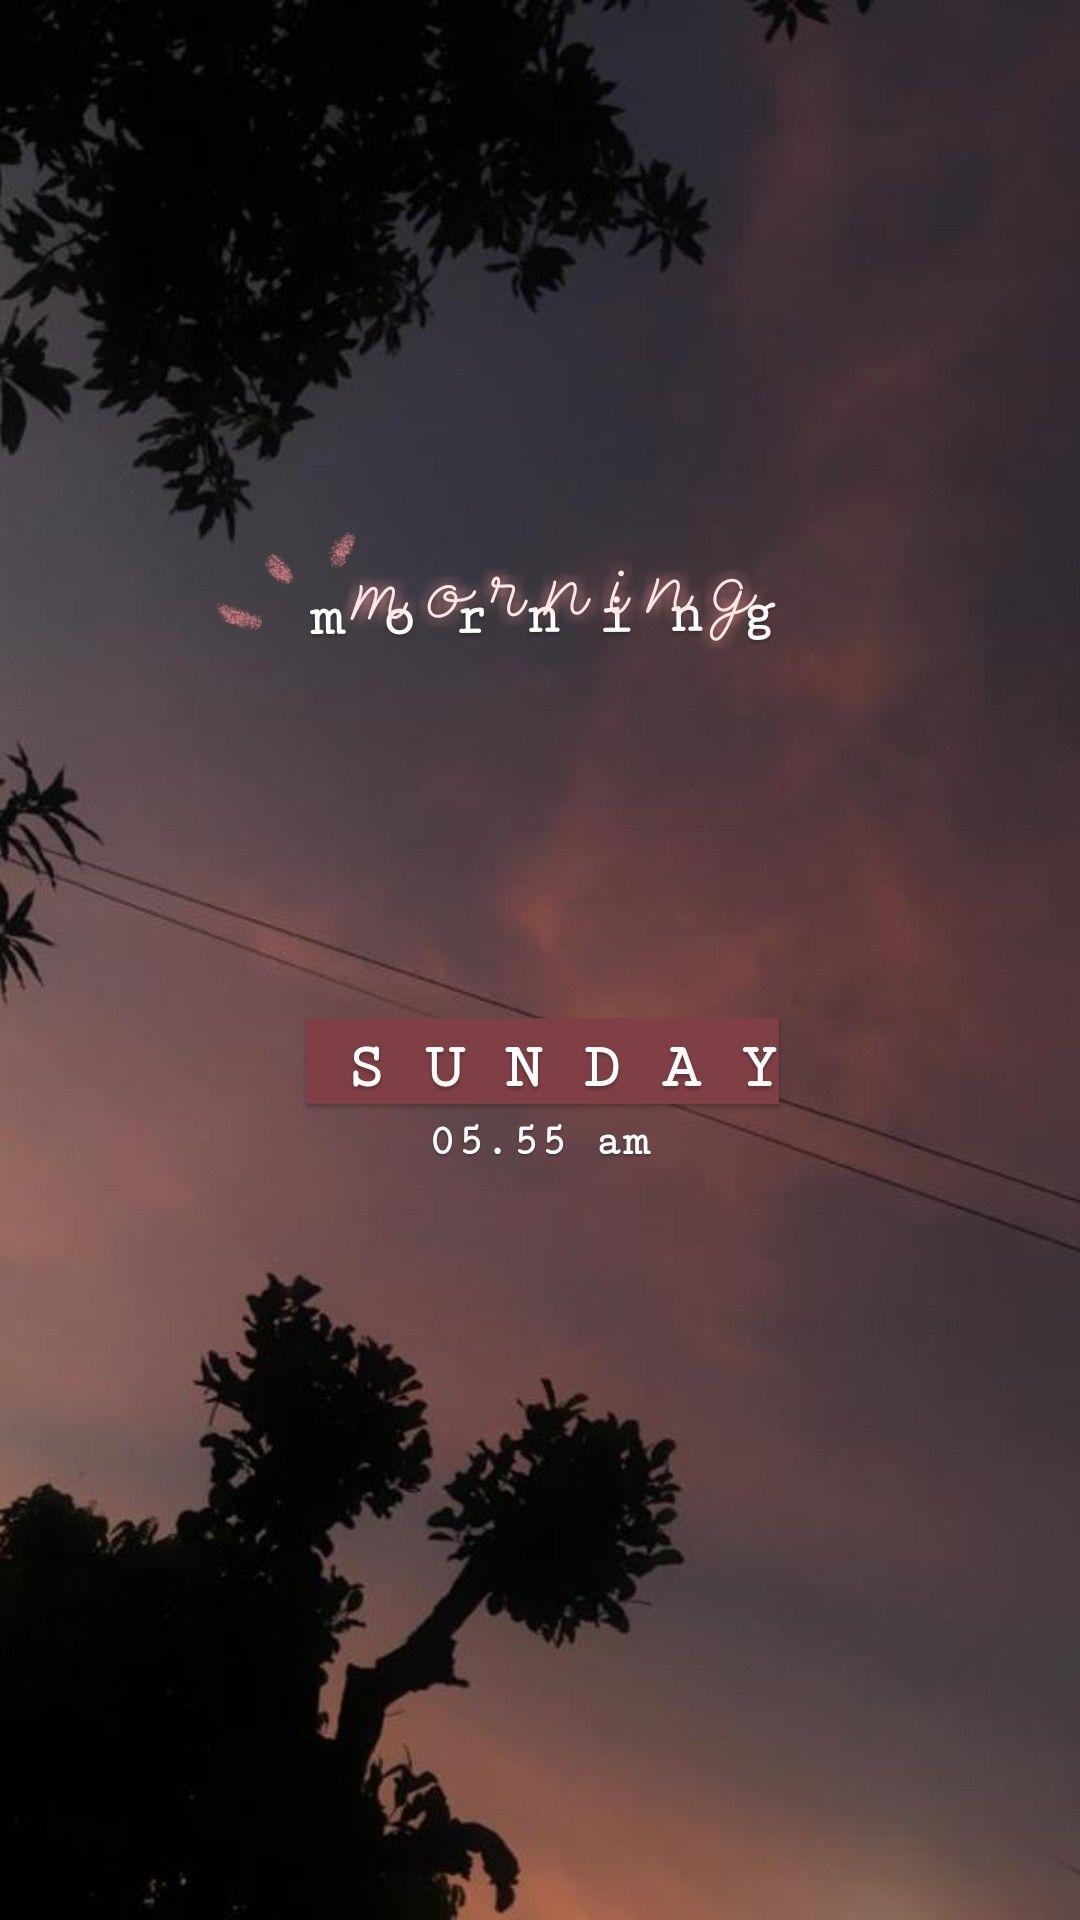 Aesthetic Morning Stories Dengan Gambar Bingkai Foto Fotografi